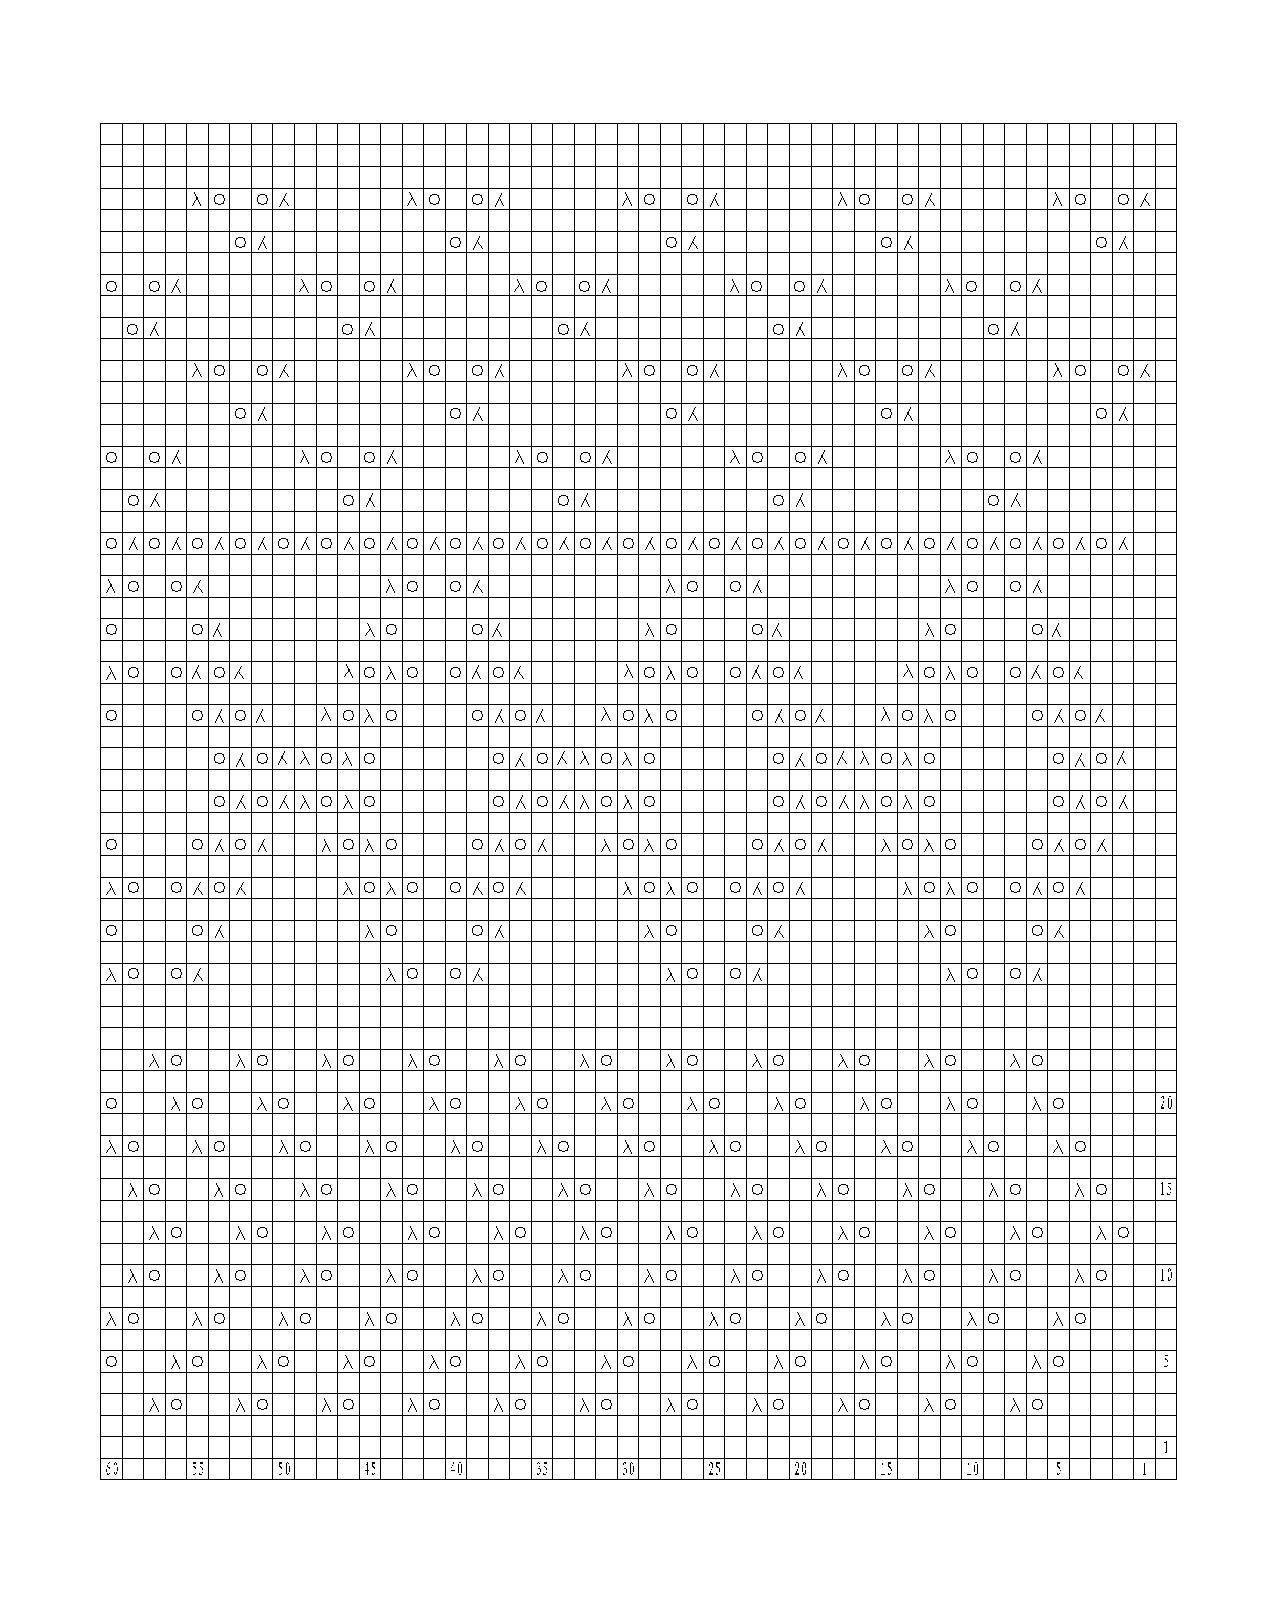 183620nxx3xm7ltl50xx5x.jpg